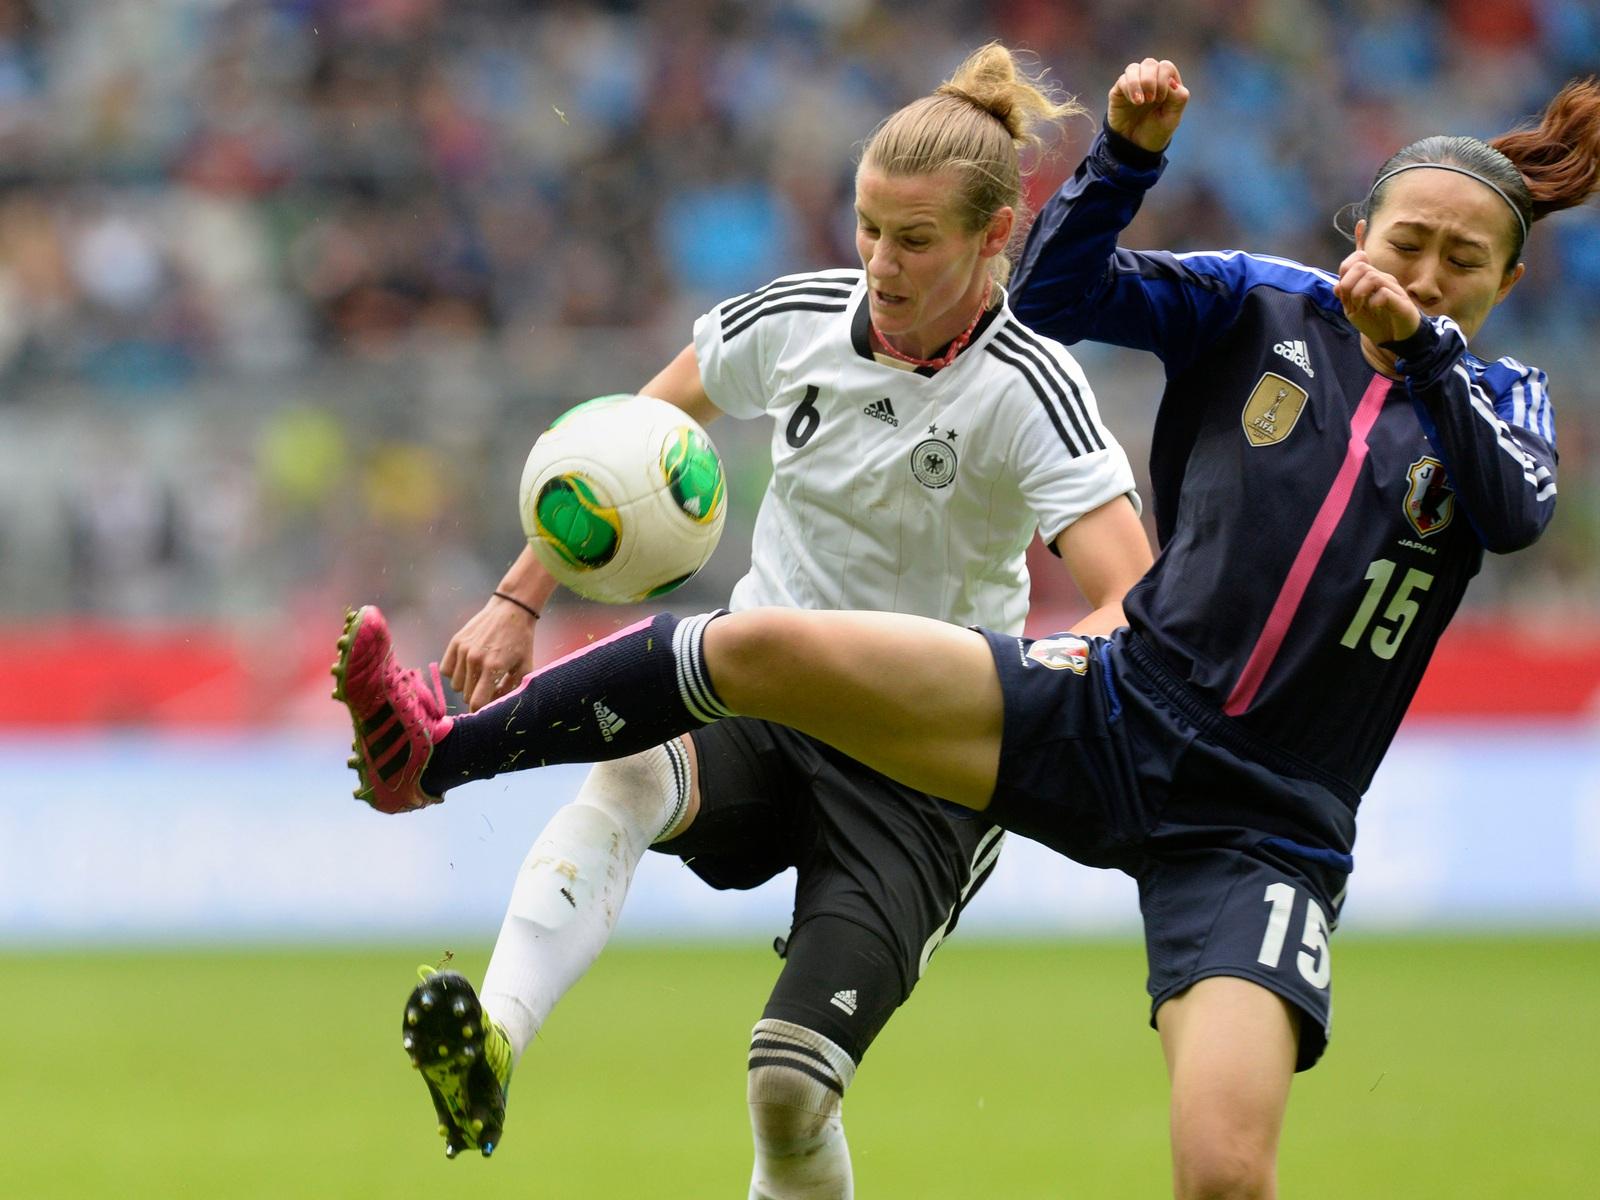 Frauen Fussball Wm 2015 In Kanada Kader Deutschland